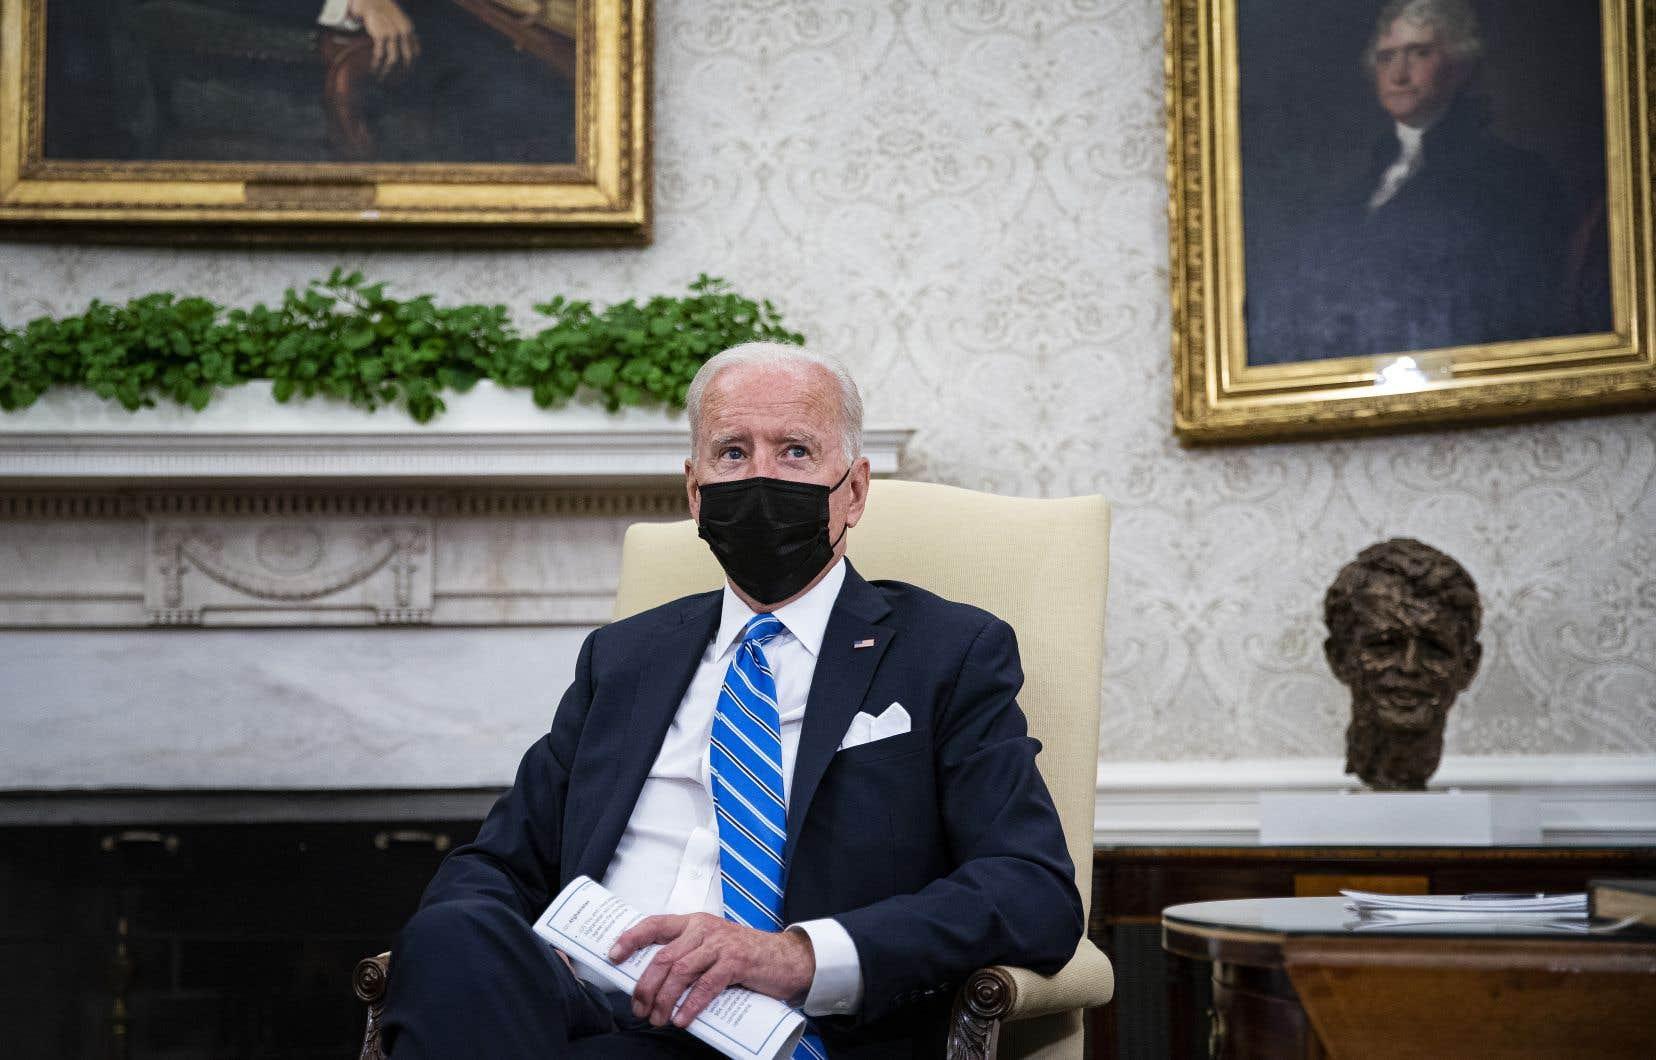 Les deux hommes ont donc l'intention de profiter de leur prochaine rencontre pour s'attaquer aux mesures qui peuvent être prises pour mieux freiner la pandémie.